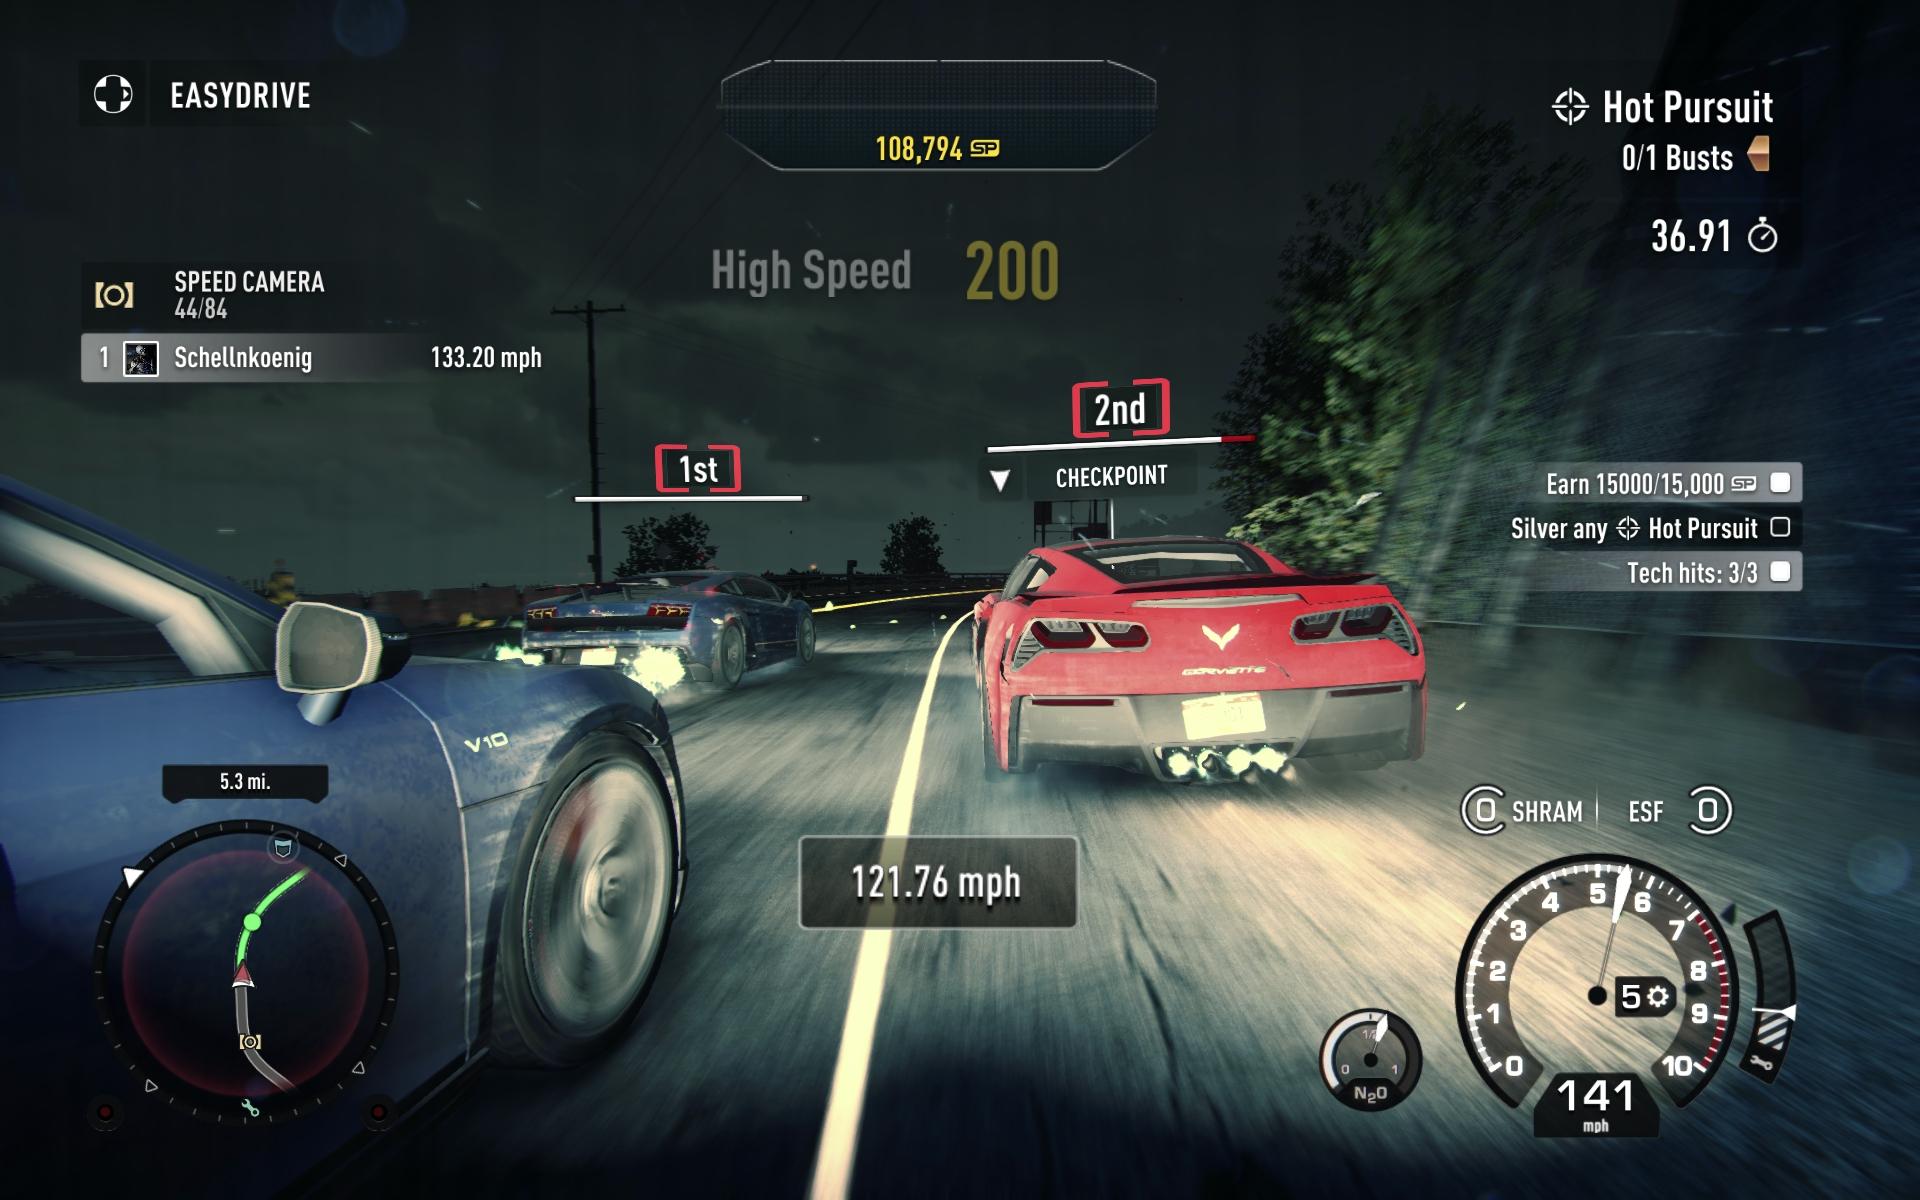 Stossstangenkamera_Racer-pc-games.jpg